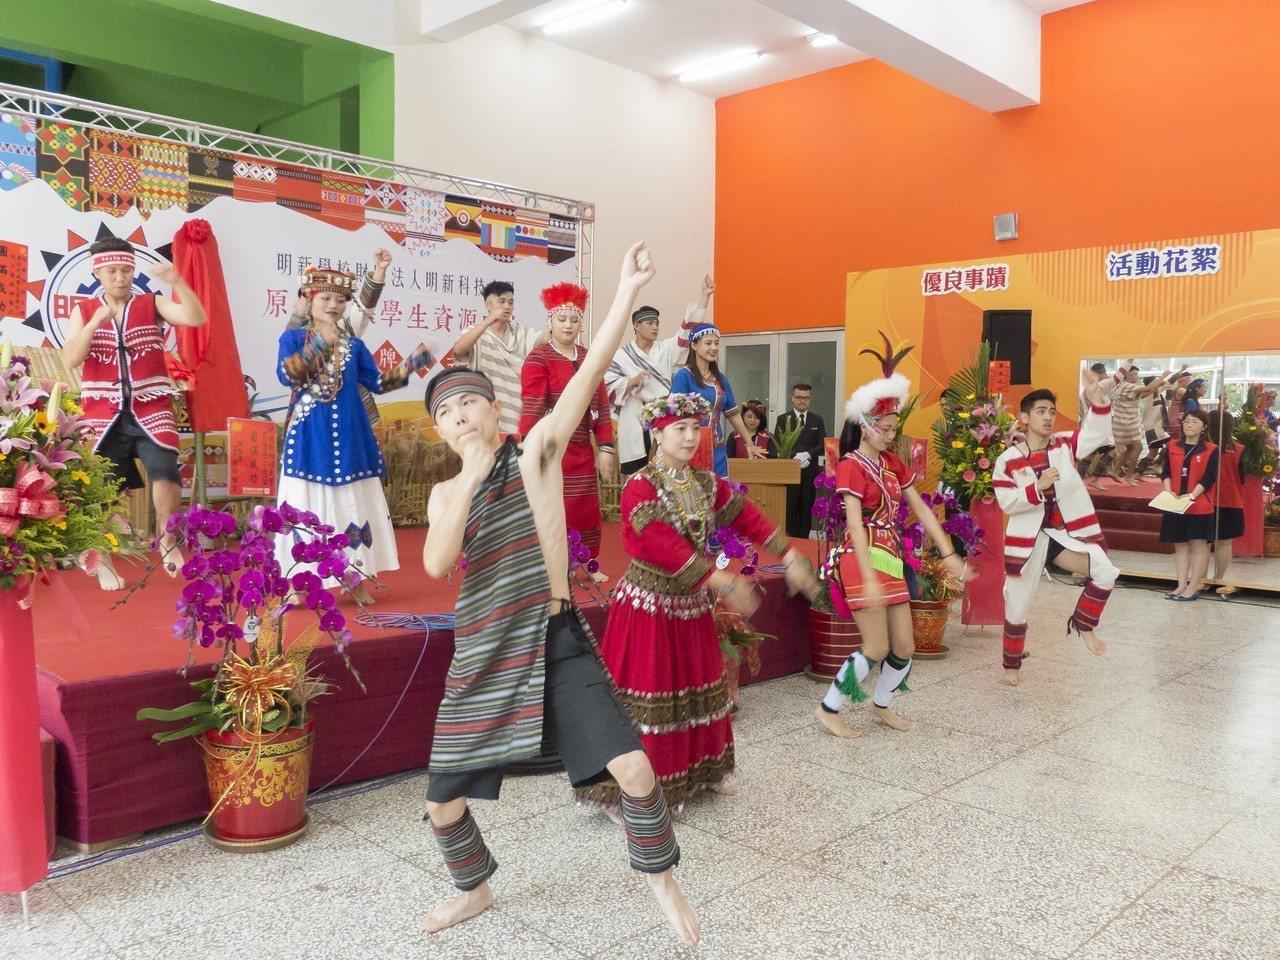 明新科大成立原資中心揭牌典禮,校內原民學生著傳統服裝表演精彩舞蹈。圖/校方提供